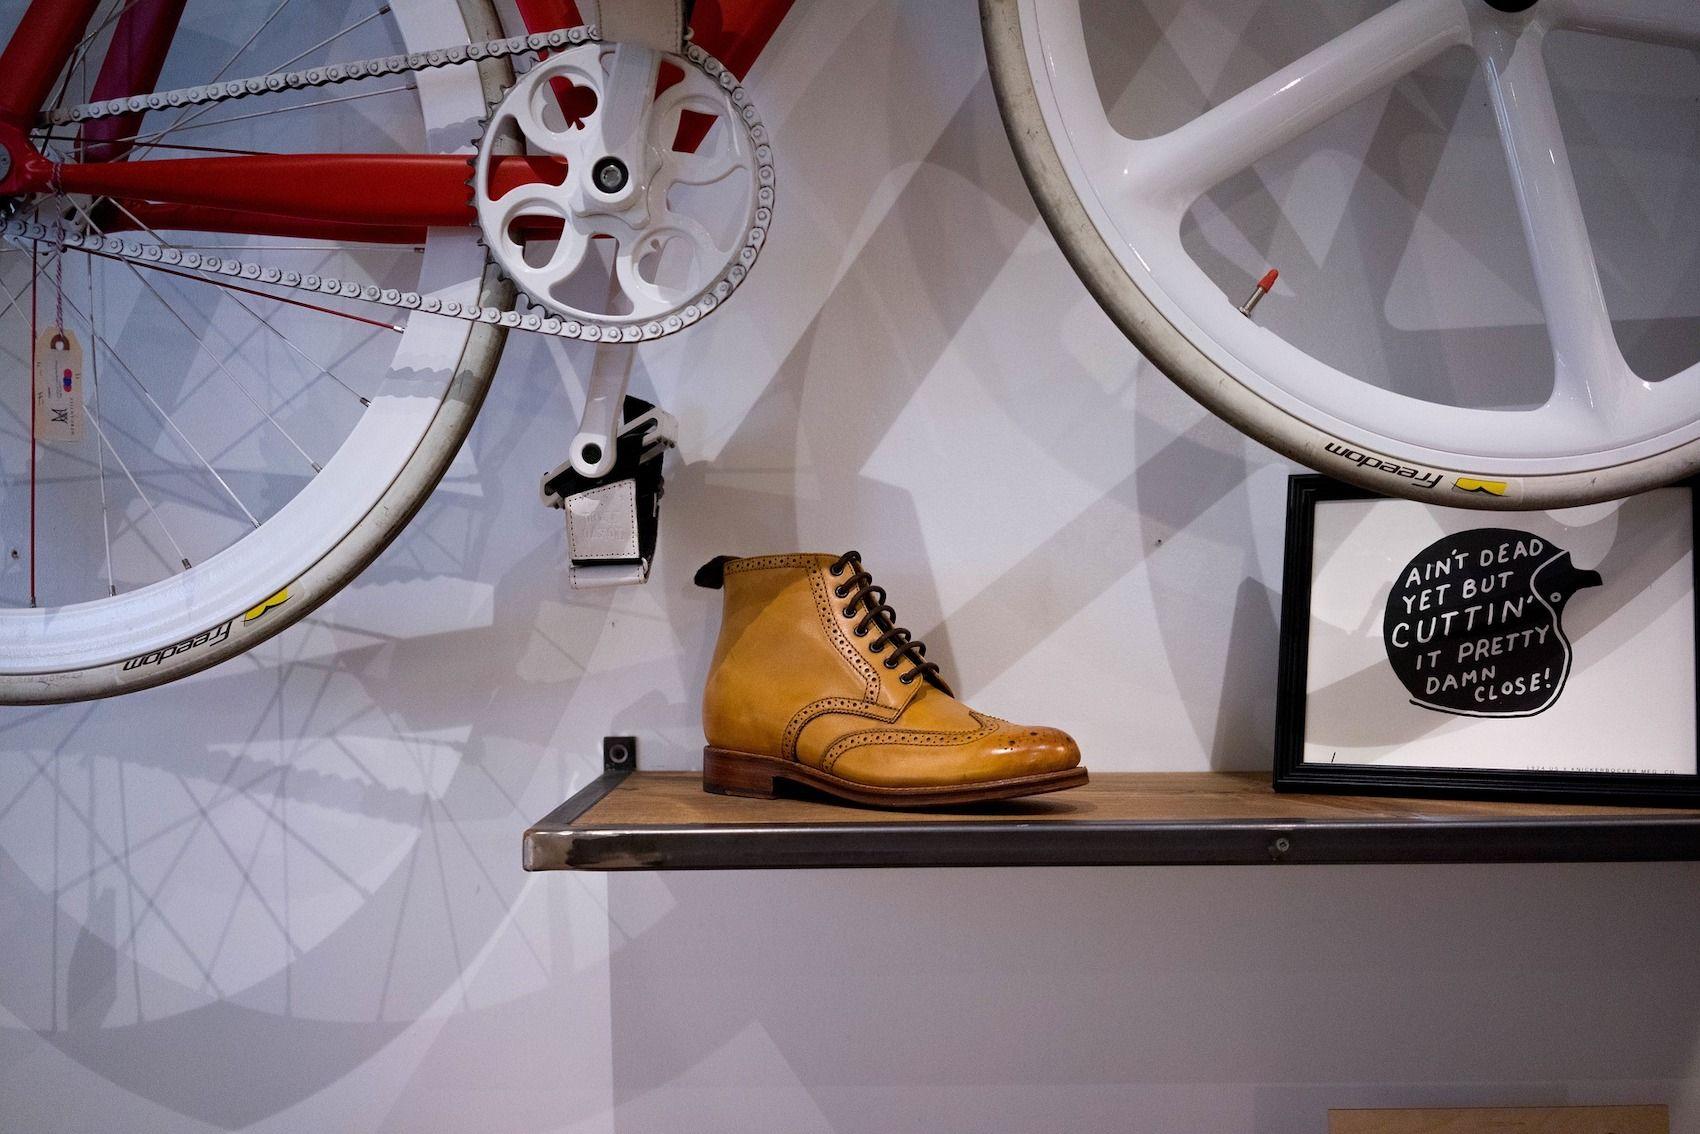 Wieszak na rower - zapewnij bezpieczeństwo, oszczędzając cenne miejsce